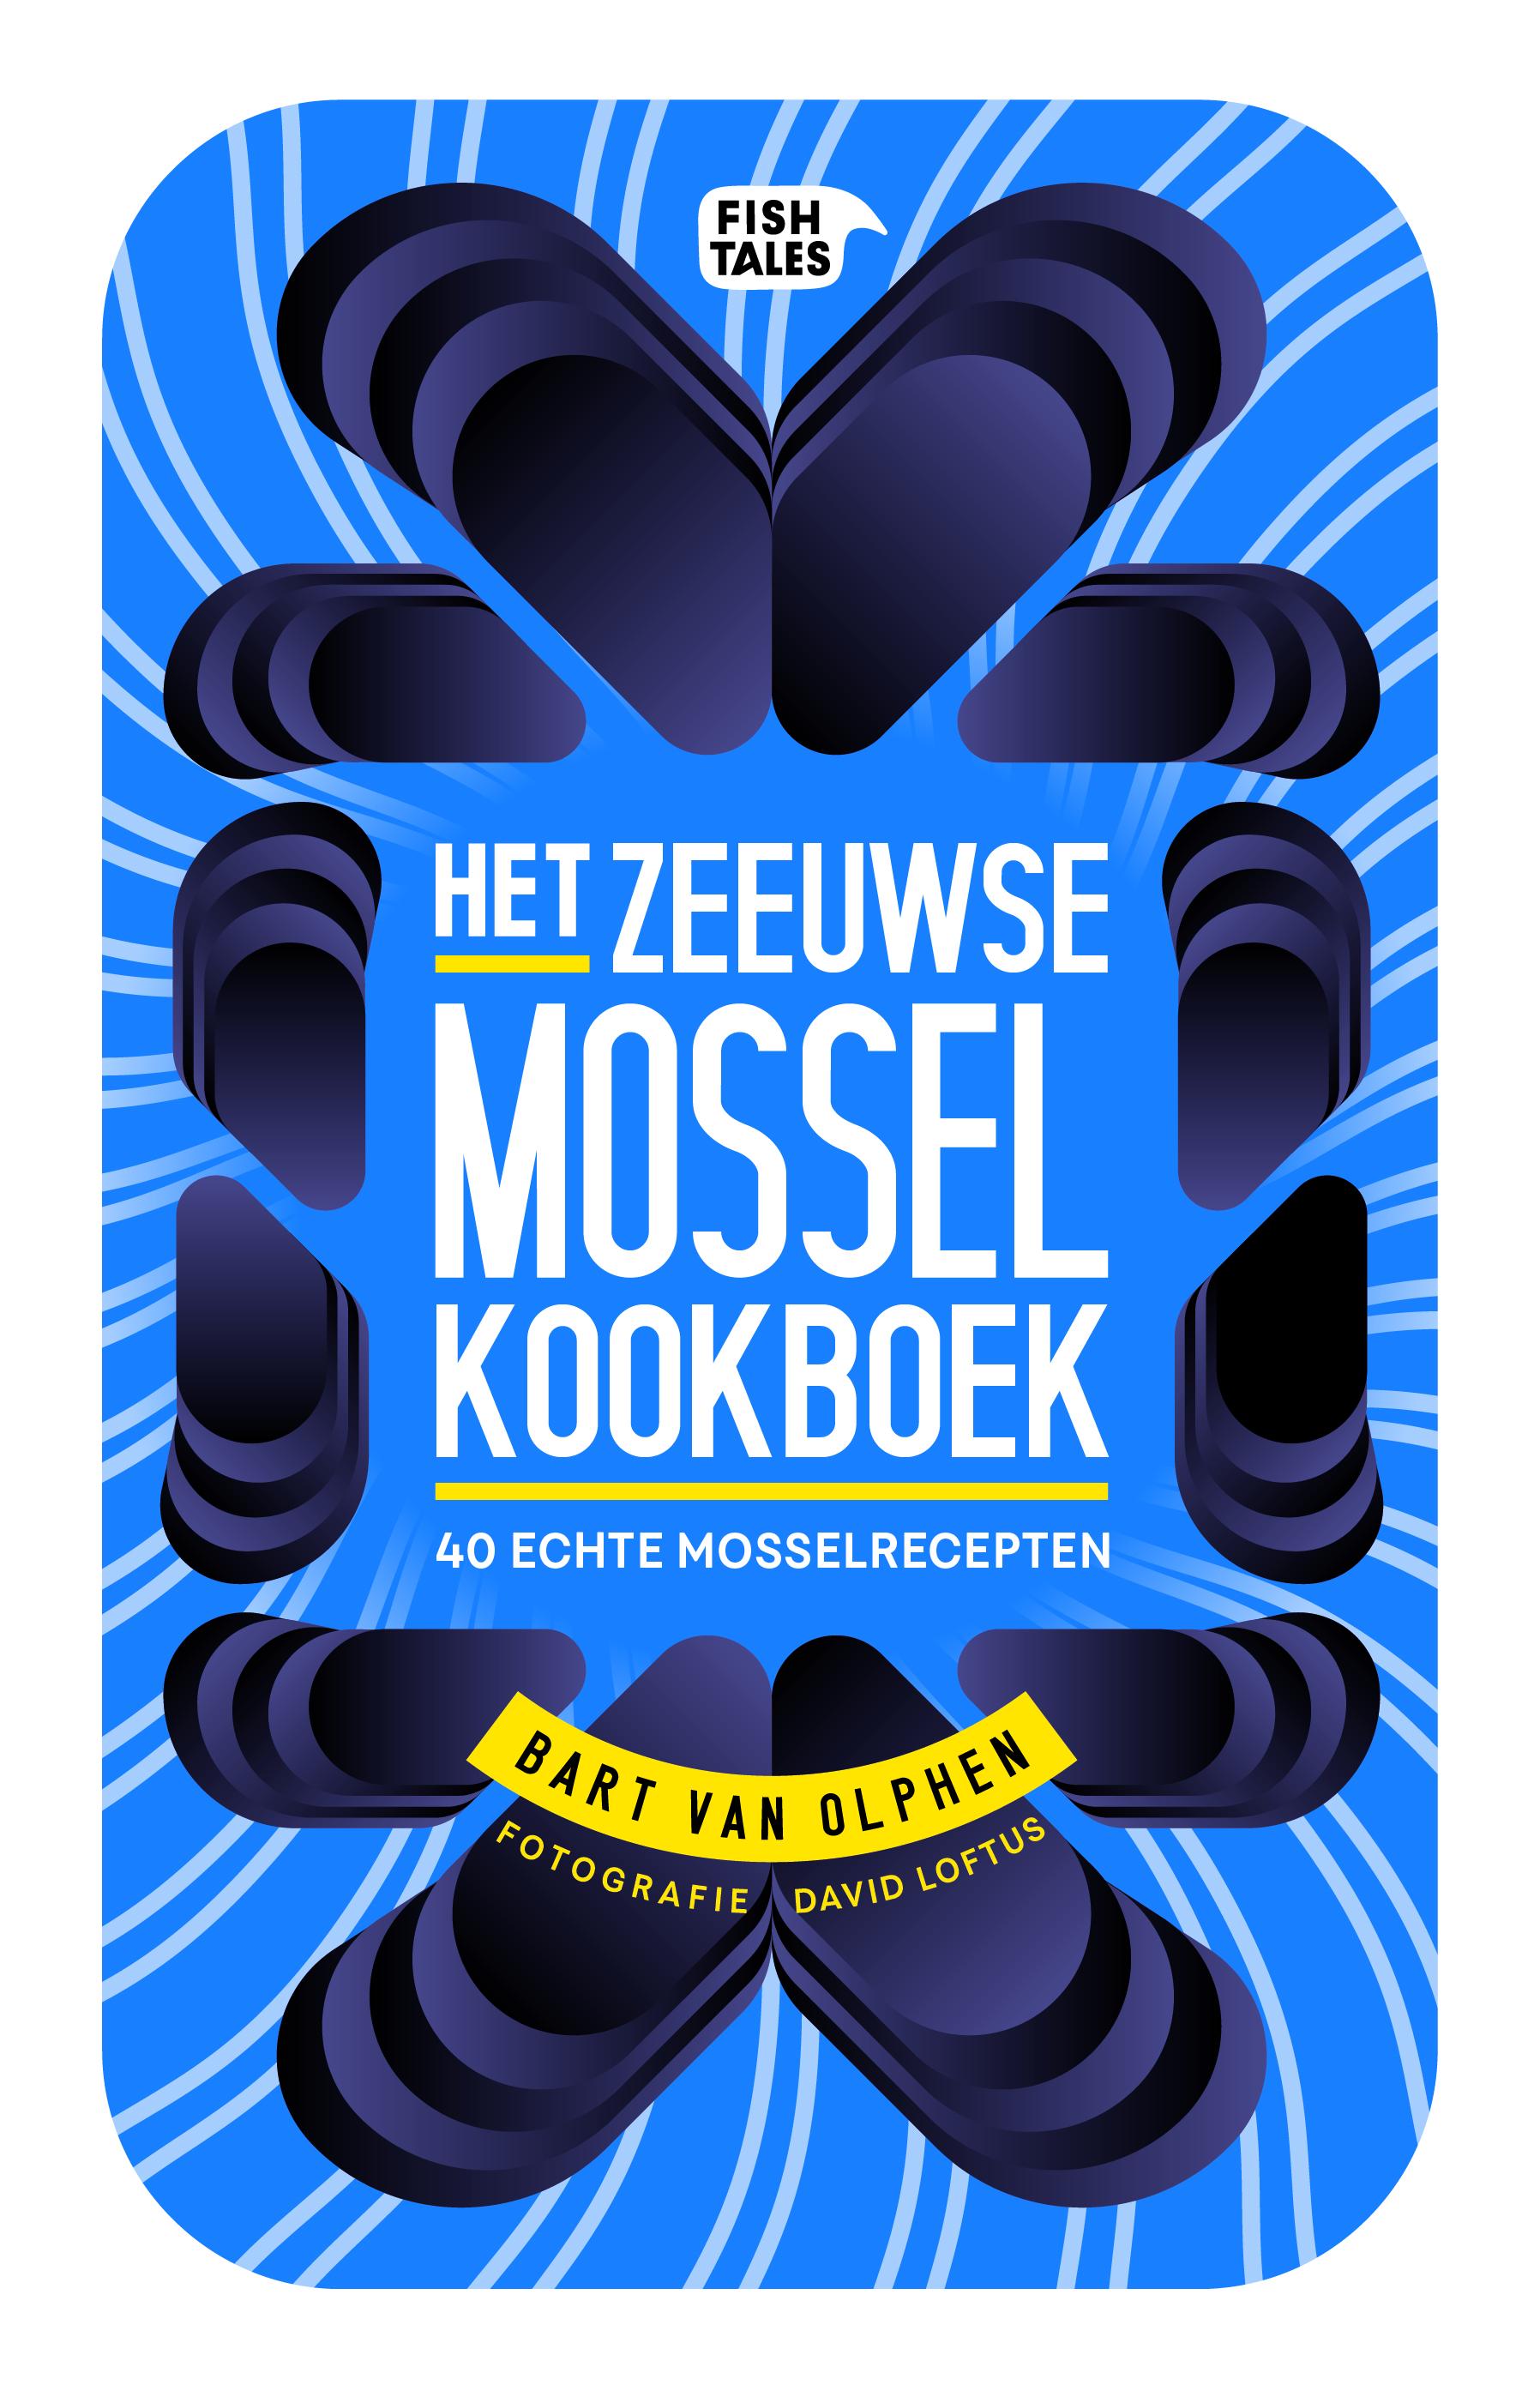 Zeeuwse Mossel kookboek